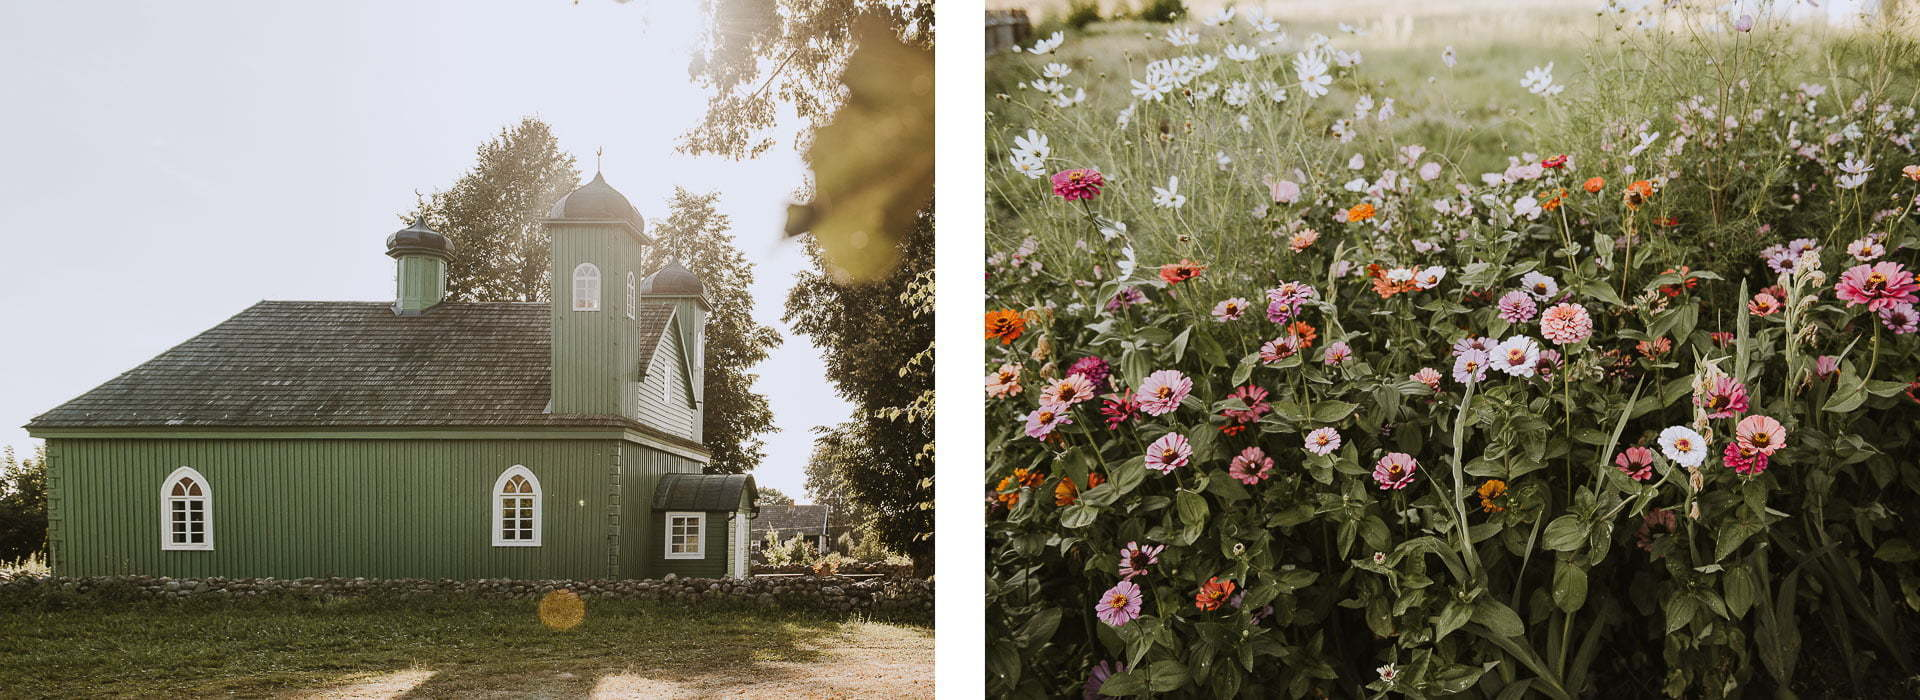 Miejsca, które warto zobaczyć wPolsce - Kruszyniany